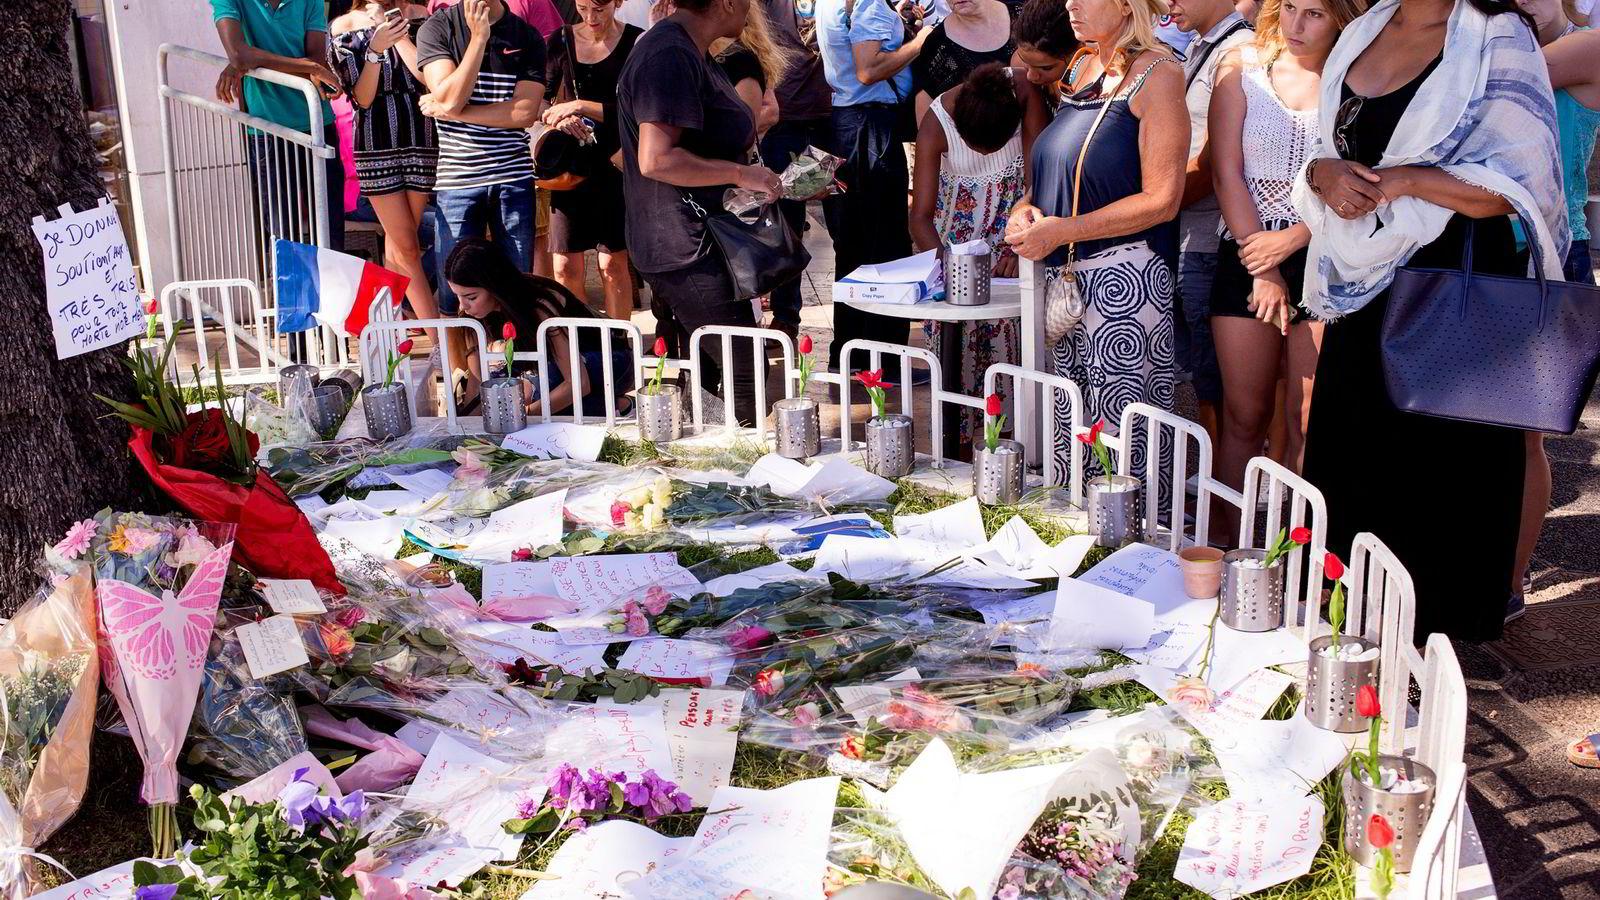 Frankrike har måttet betale en høy pris de siste par årene, og det er tungt at våre franske venner skal måtte gå gjennom en slik tragedie på ny.